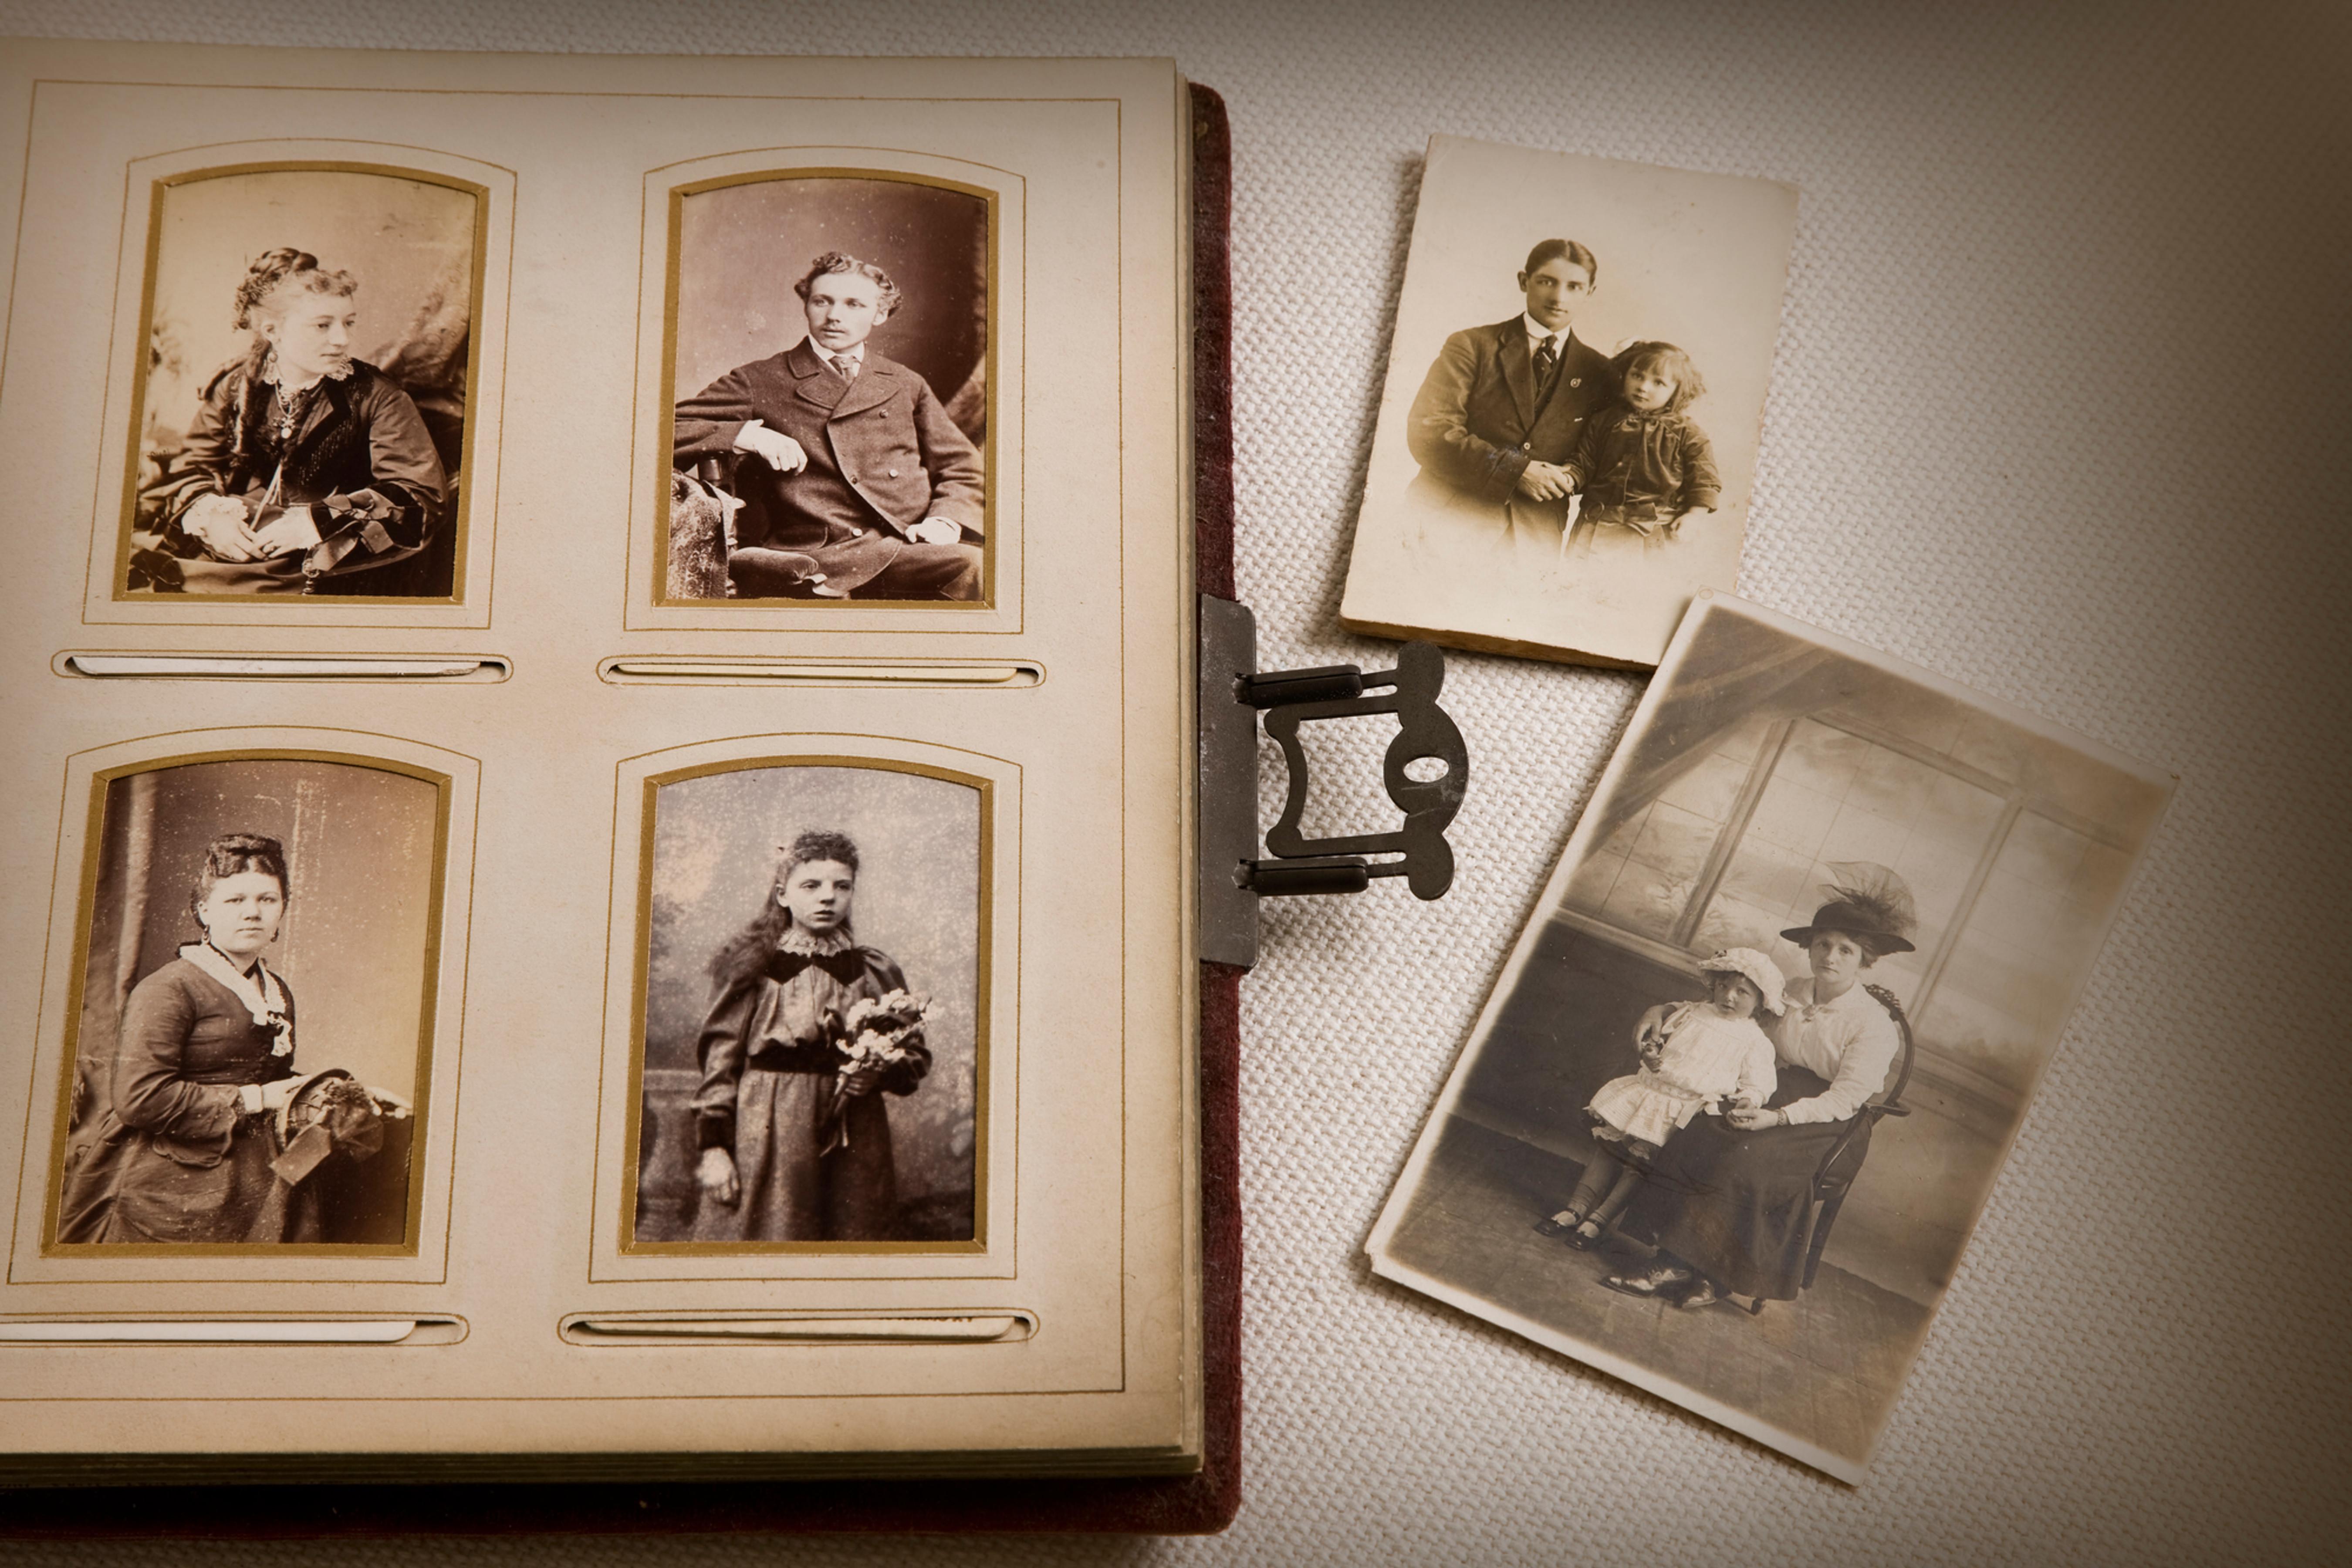 Photo Organizing, Editing